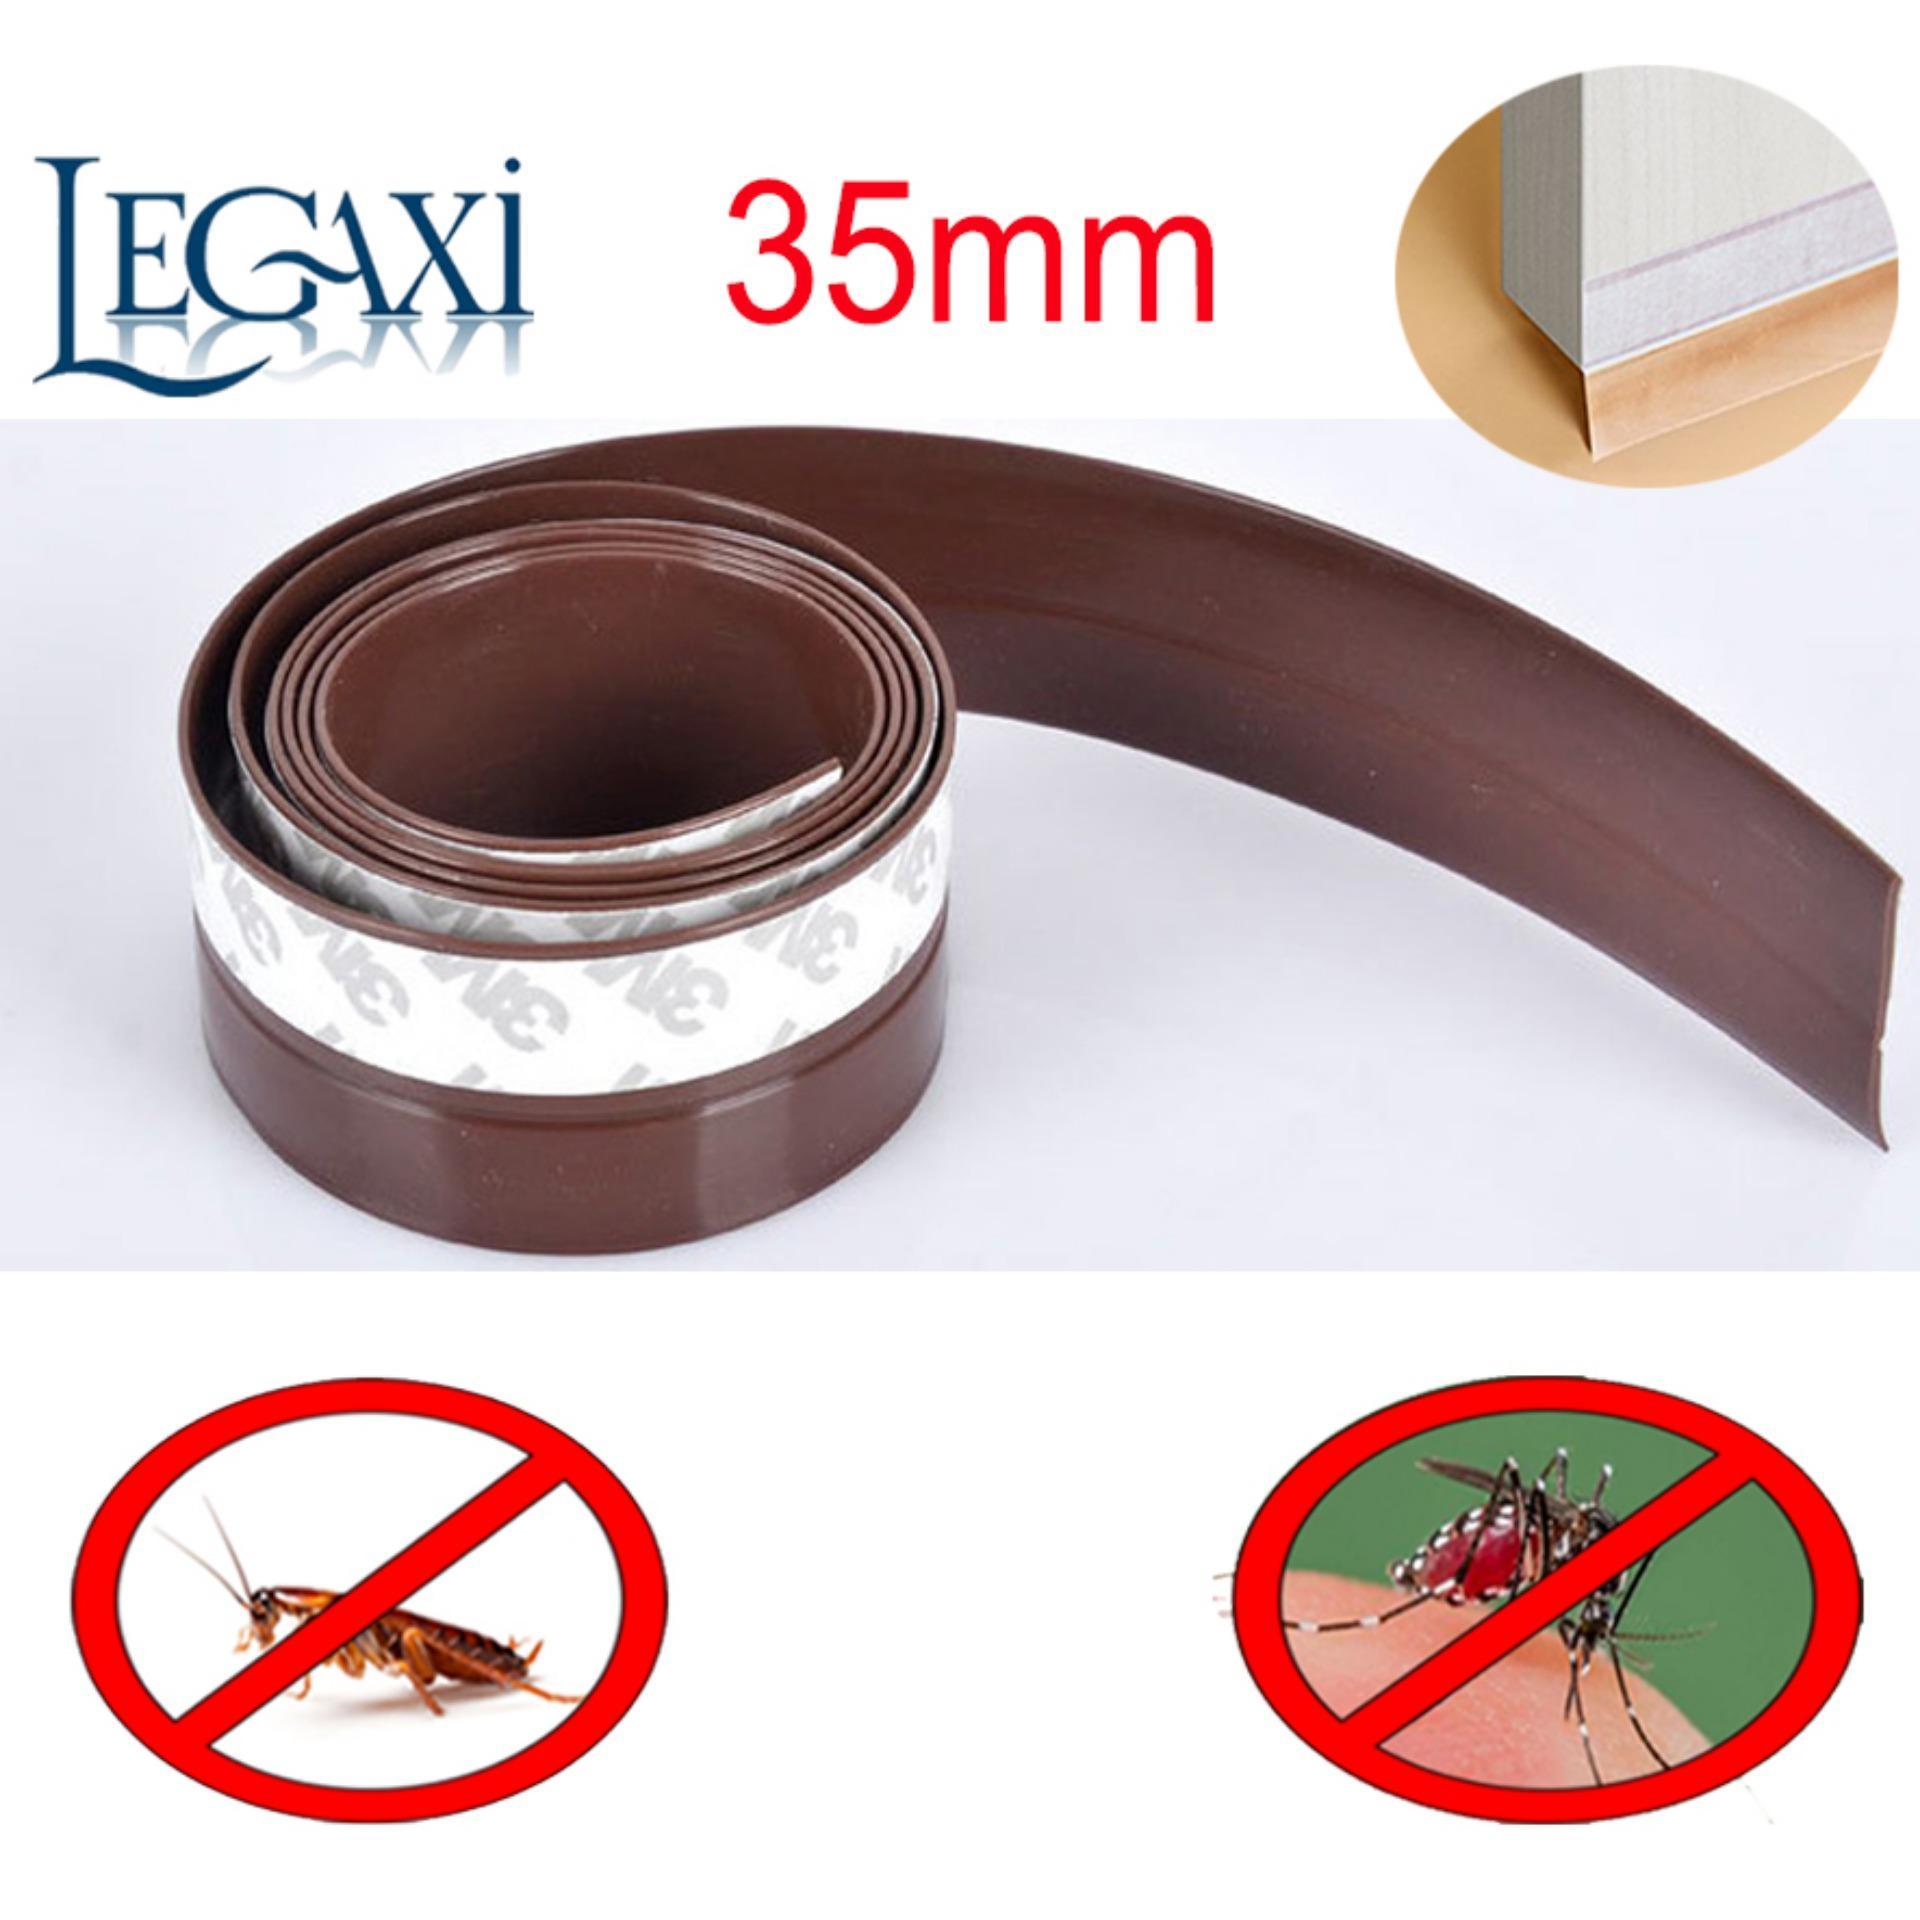 Hình ảnh Ron Dán Chân Cửa Dài 2 mét Che Khe Hở Ngăn Côn Trùng Ruỗi Muỗi Gián Legaxi SWB7